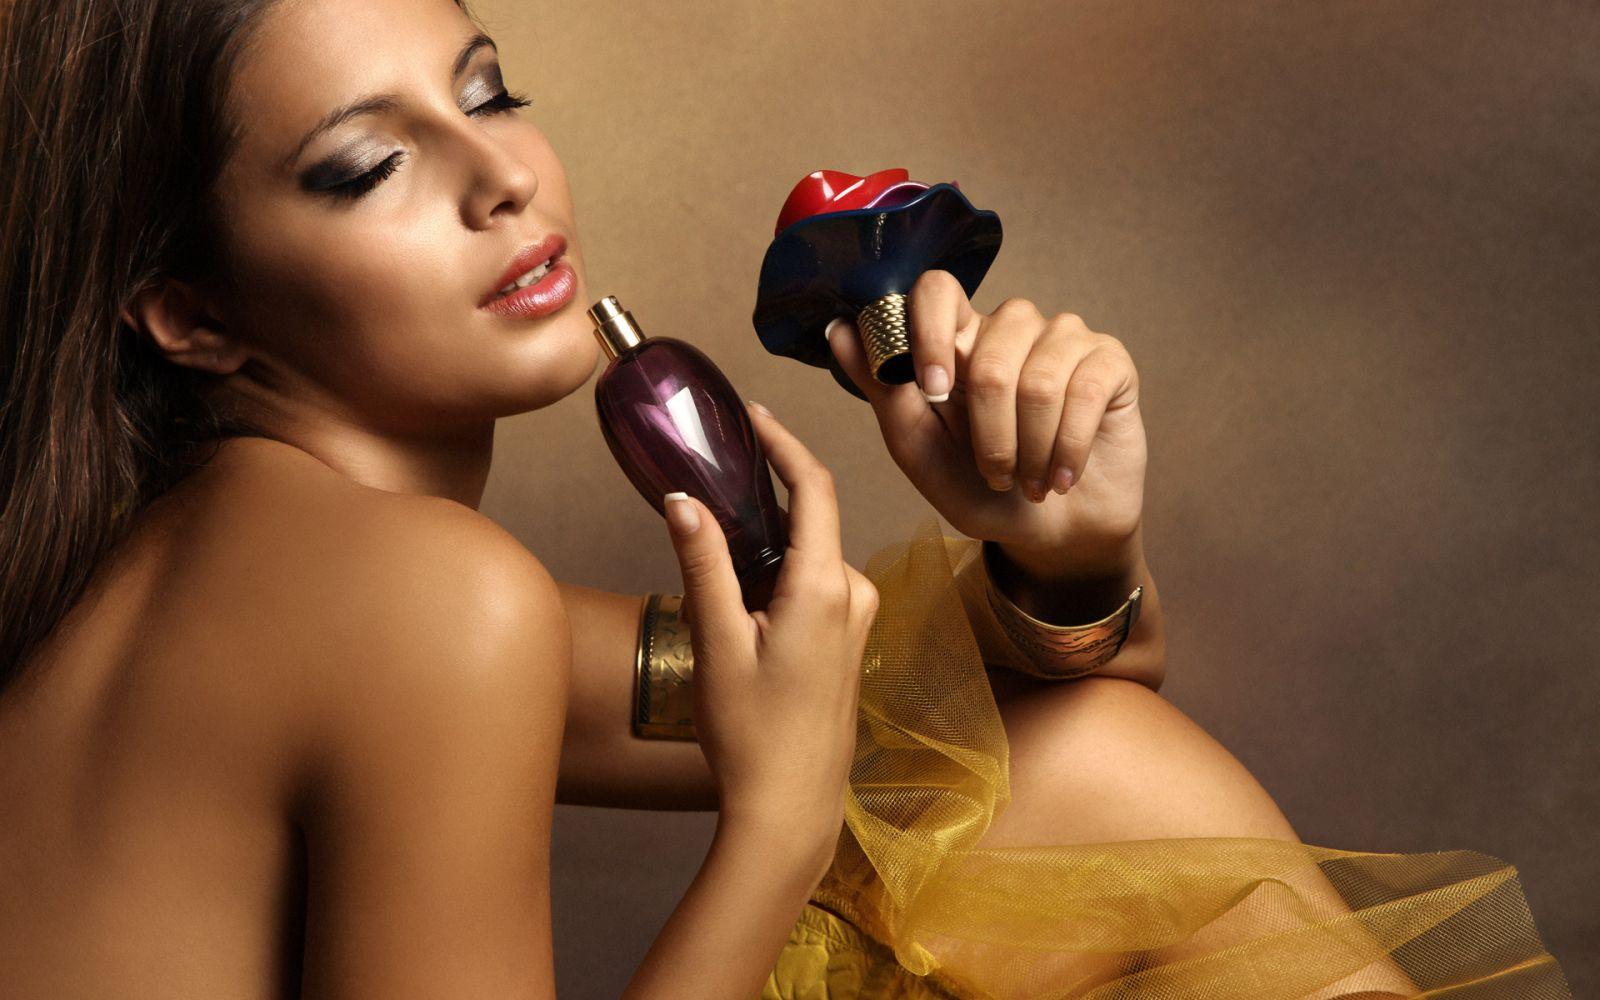 Как привлечь мужчину при помощи аромата: советы экстрасенса - фото №4